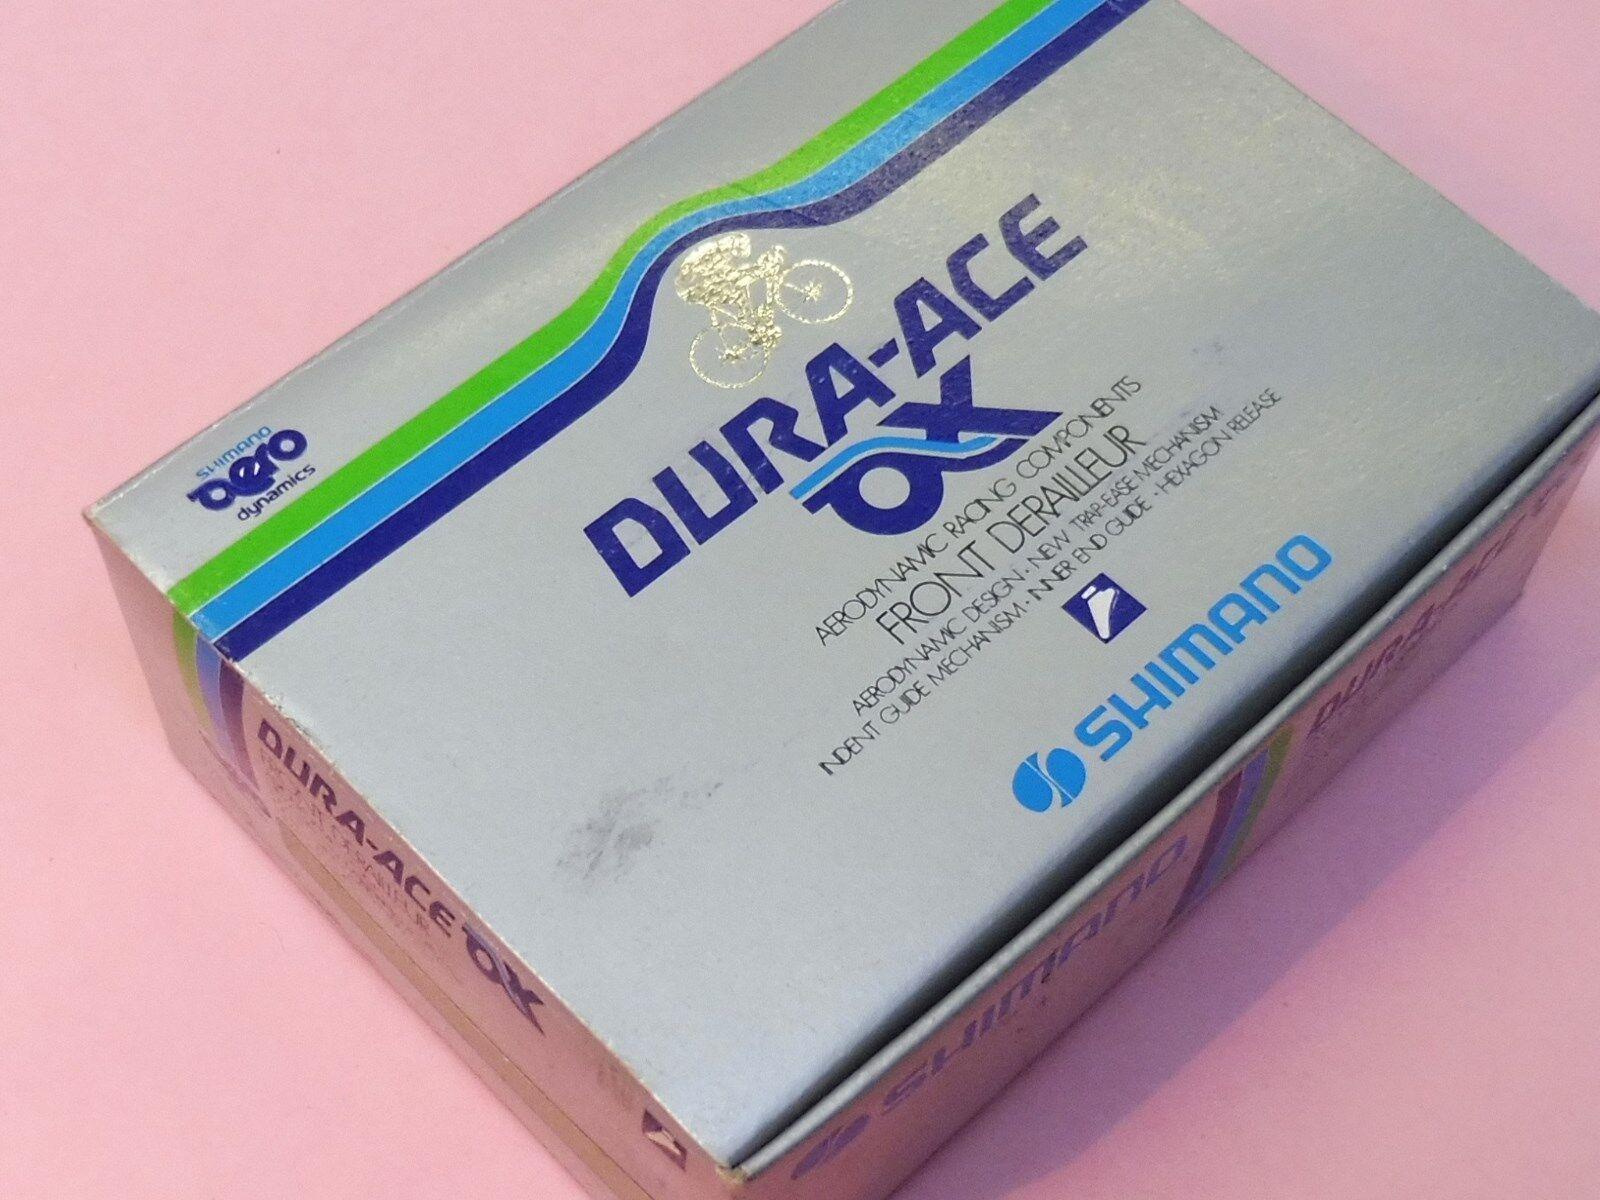 Shimano Dura Ace Ax - 7300 7300 7300 Front Umwerfer Mech - Nummern 03b295